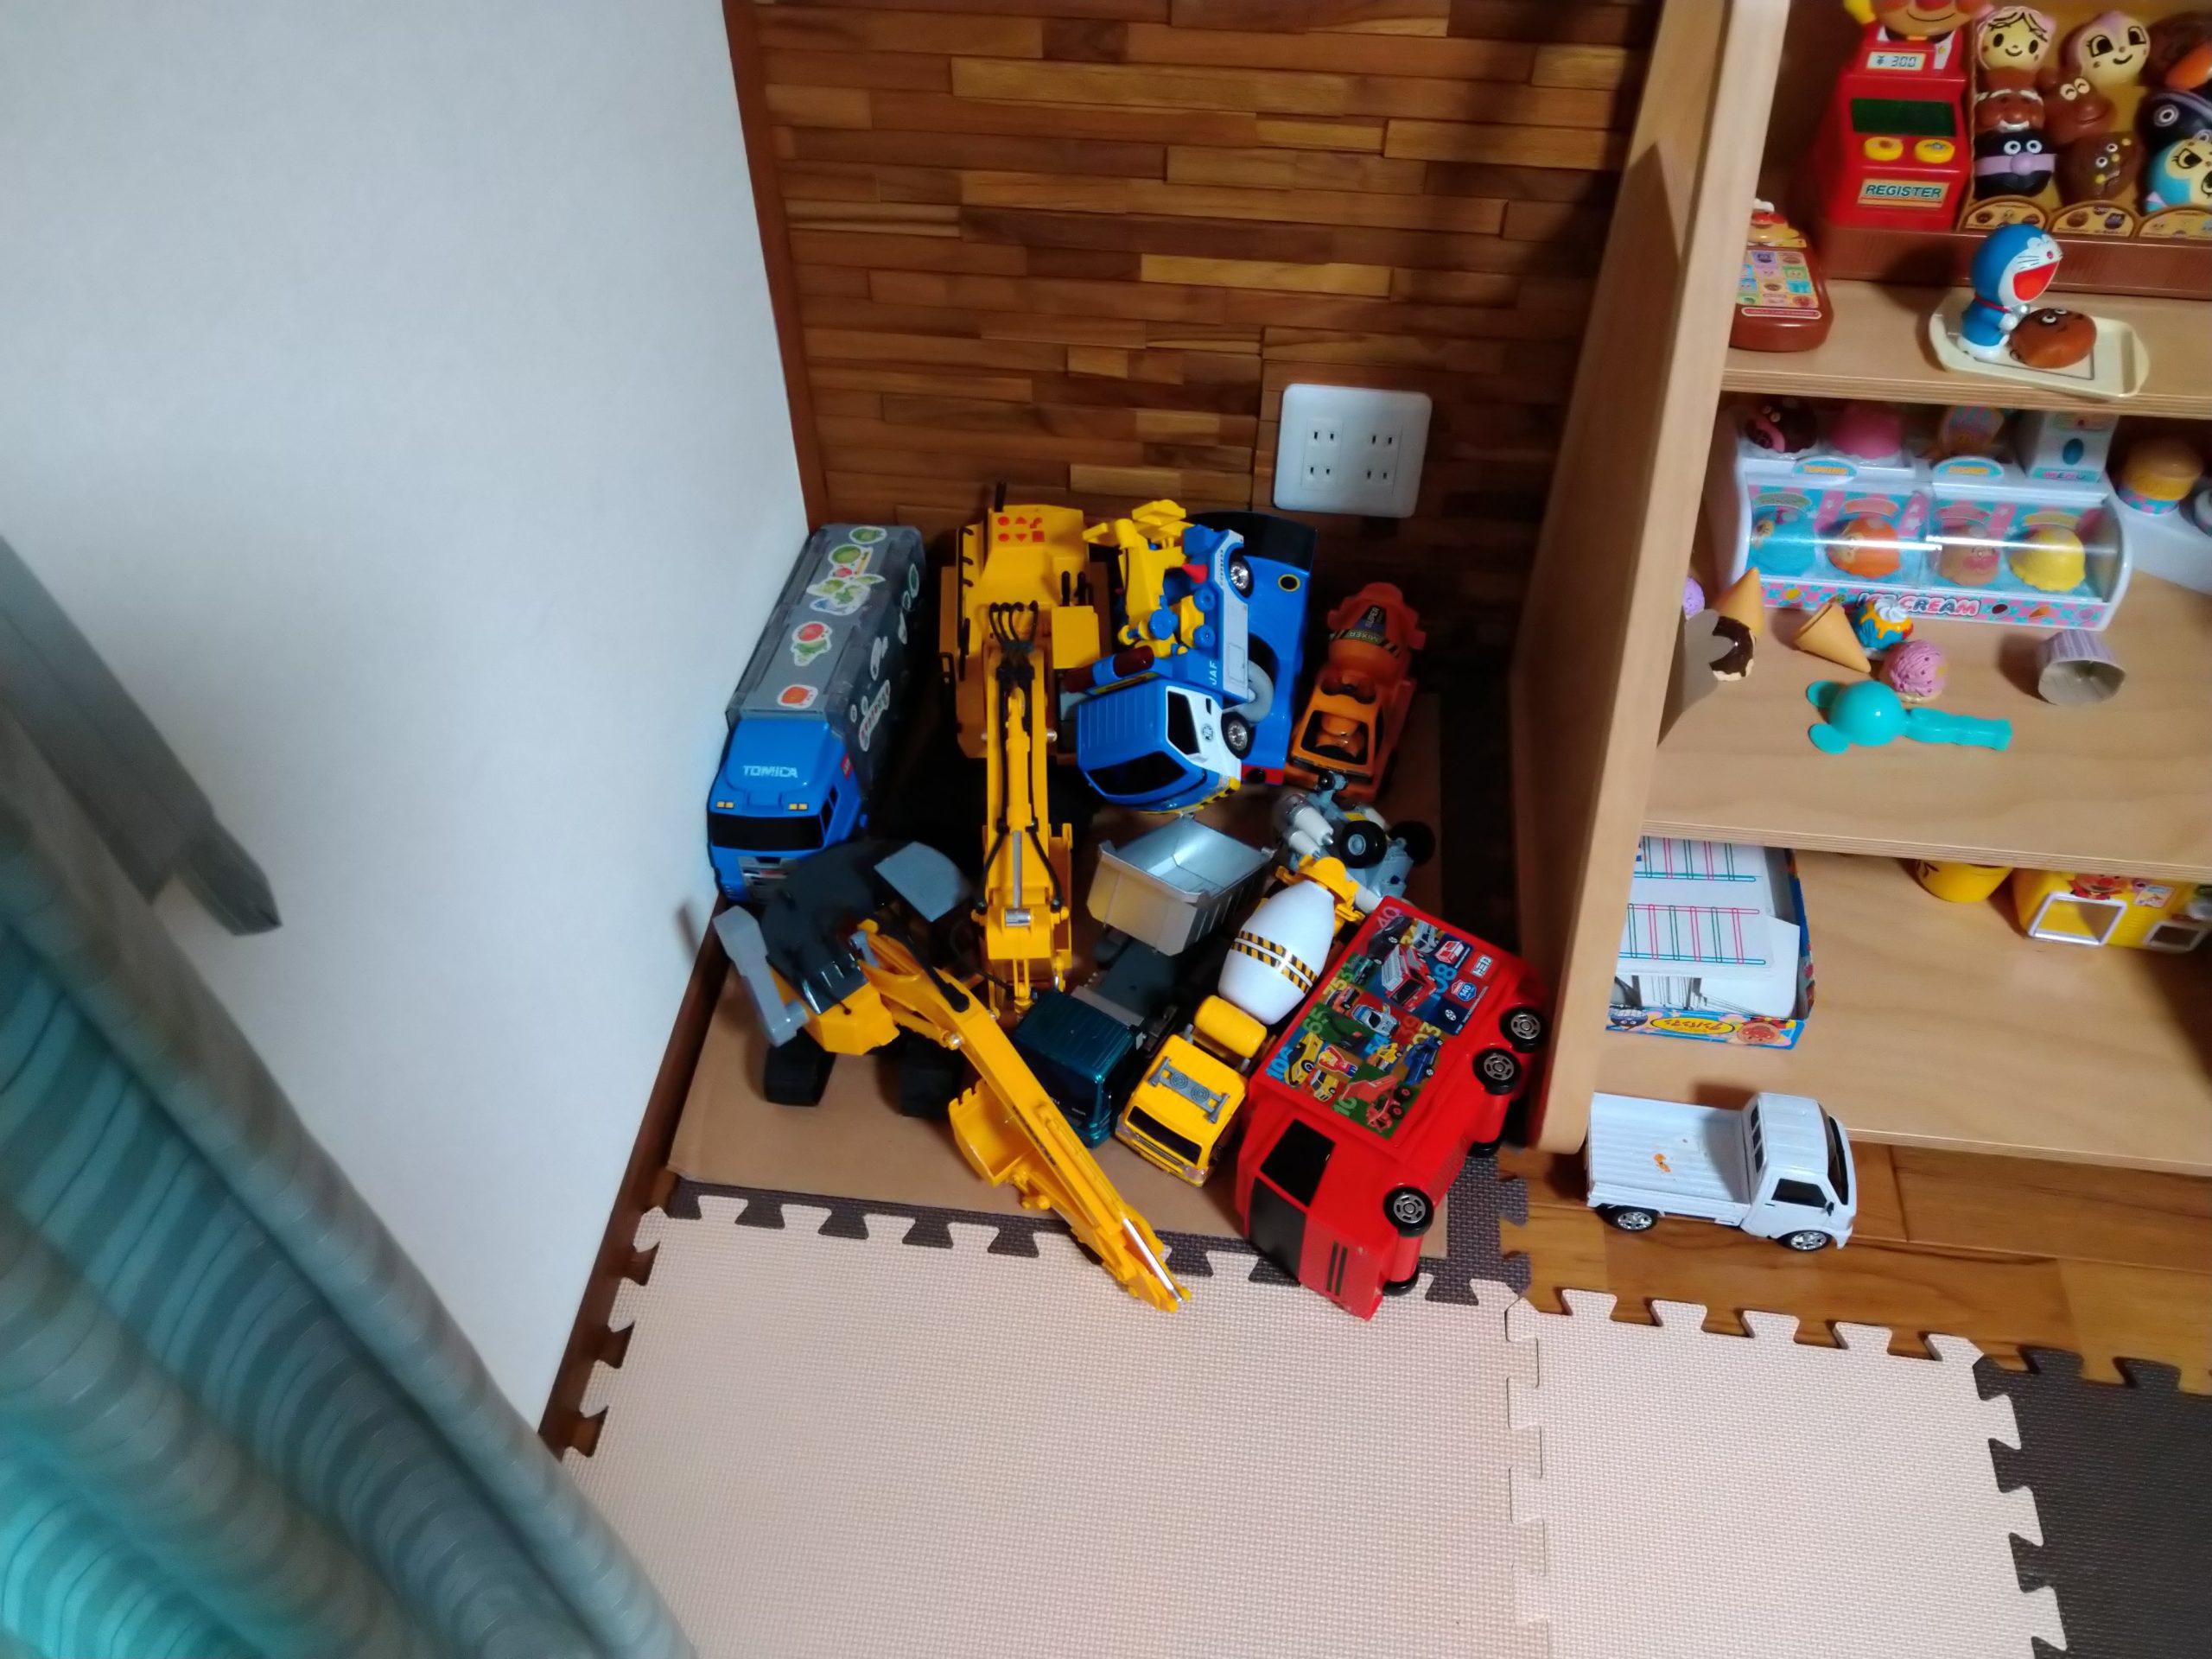 大きめのおもちゃを置く空間を作った